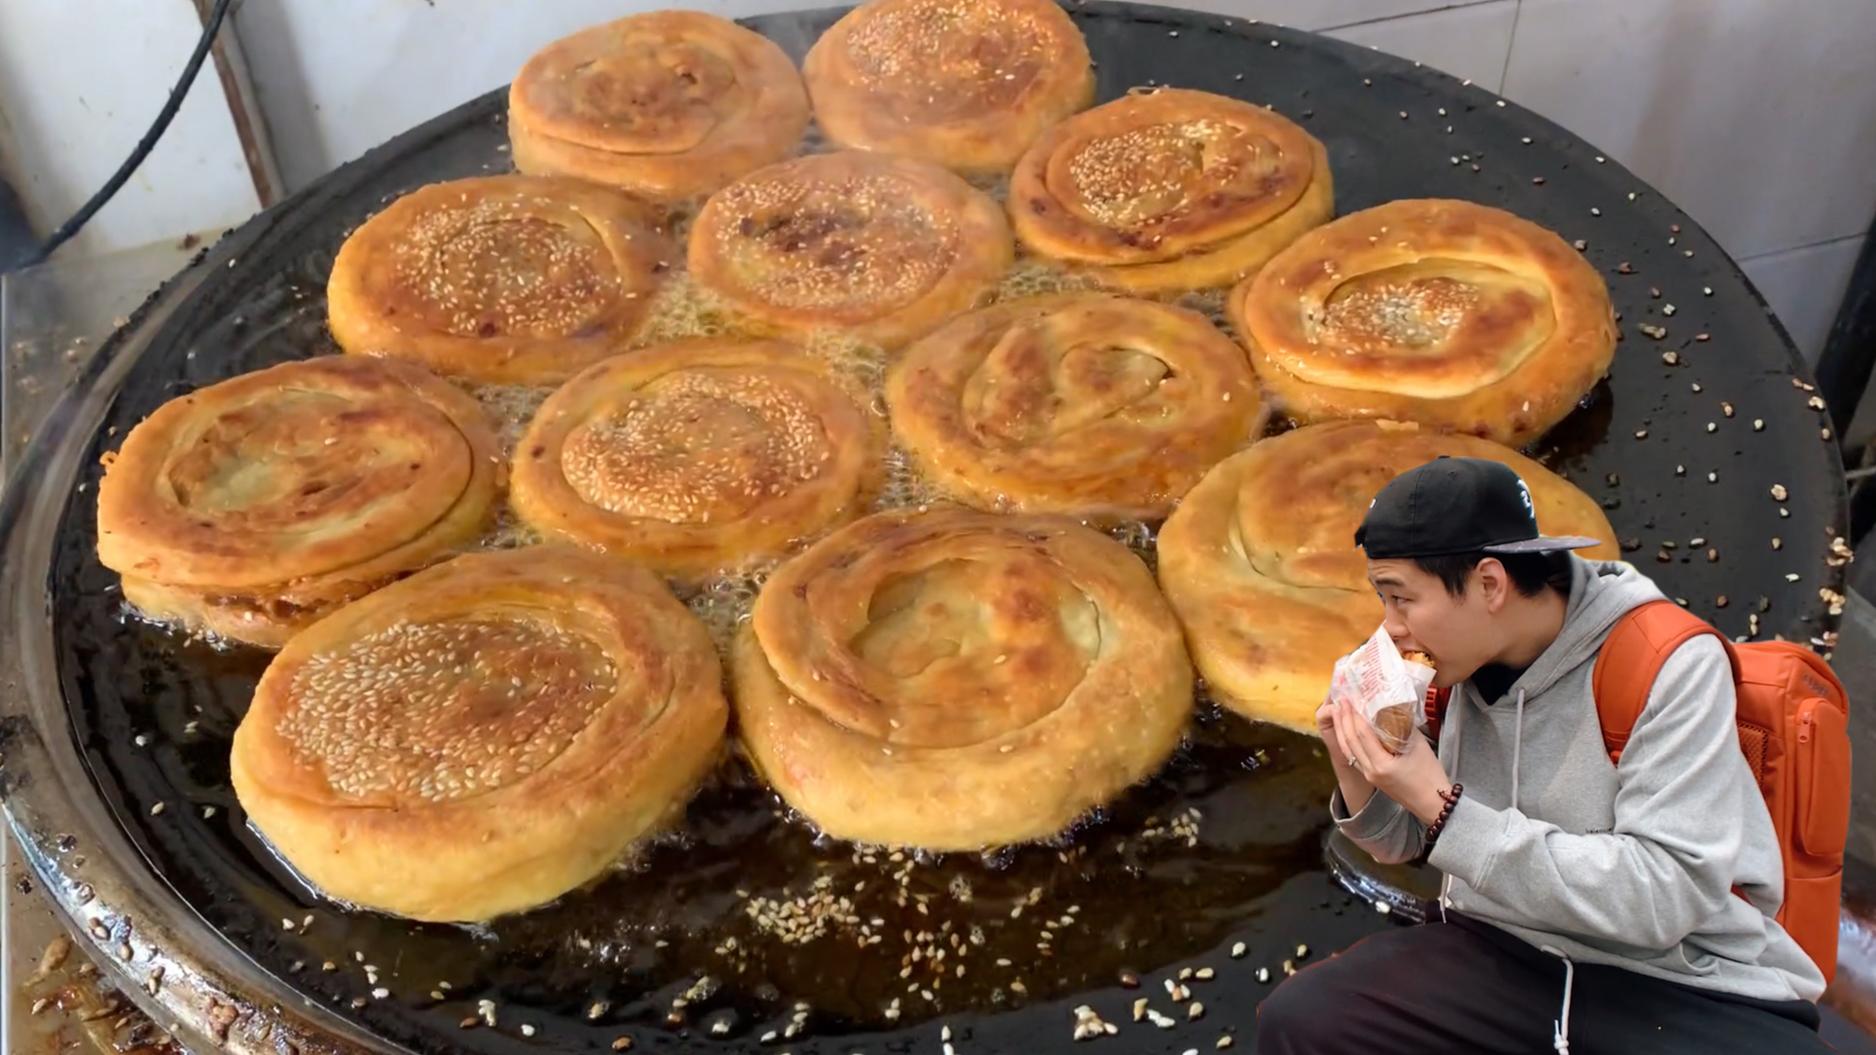 一天狂卖1000多个的肉饼,酥皮裹着大坨牛肉,咬一口酥香流油